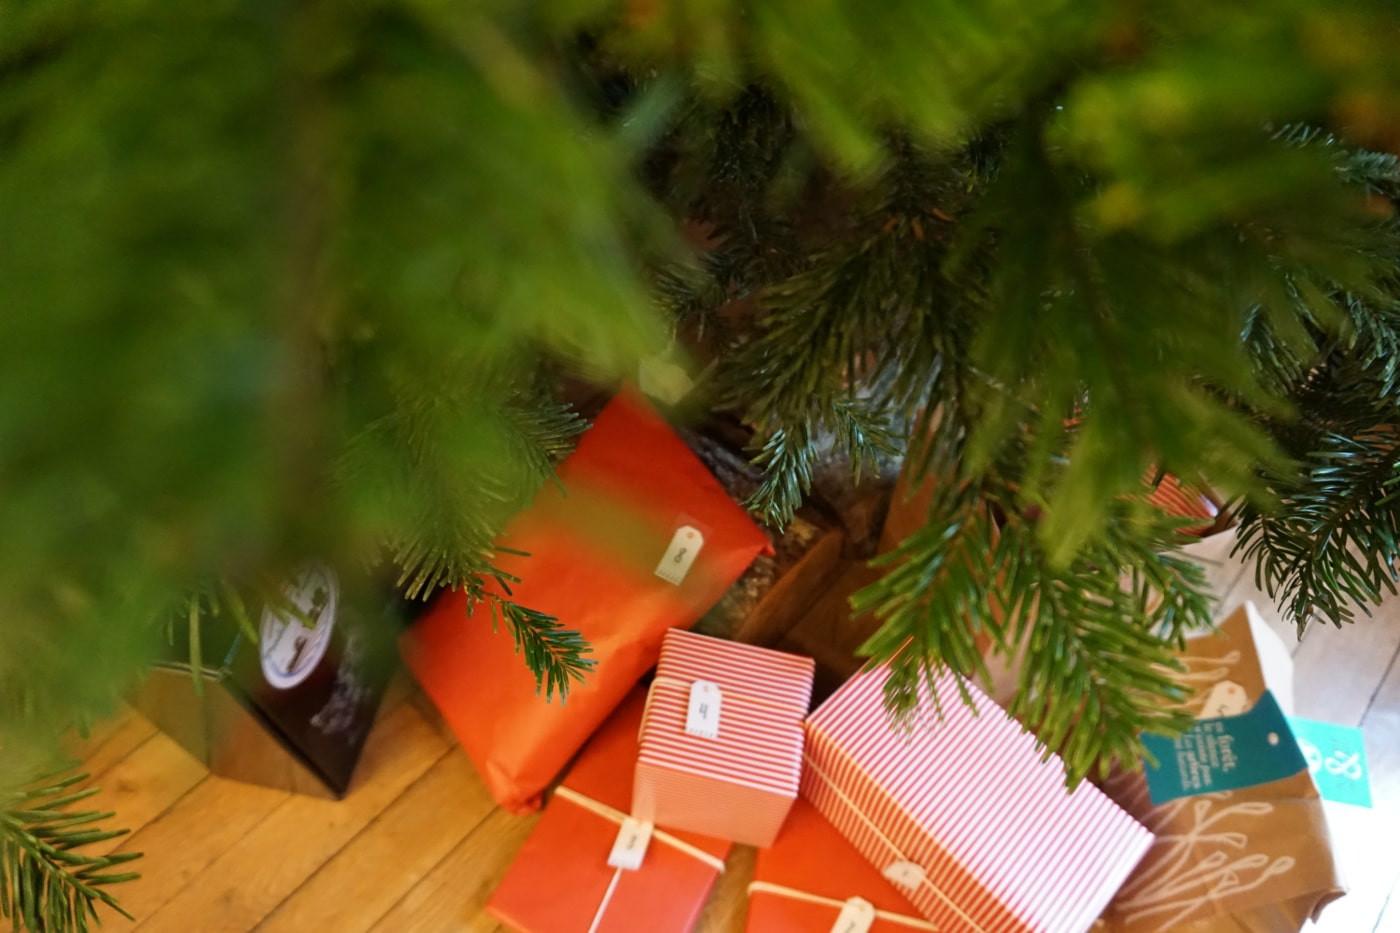 Cadeaux au pied d'un sapin de Noel